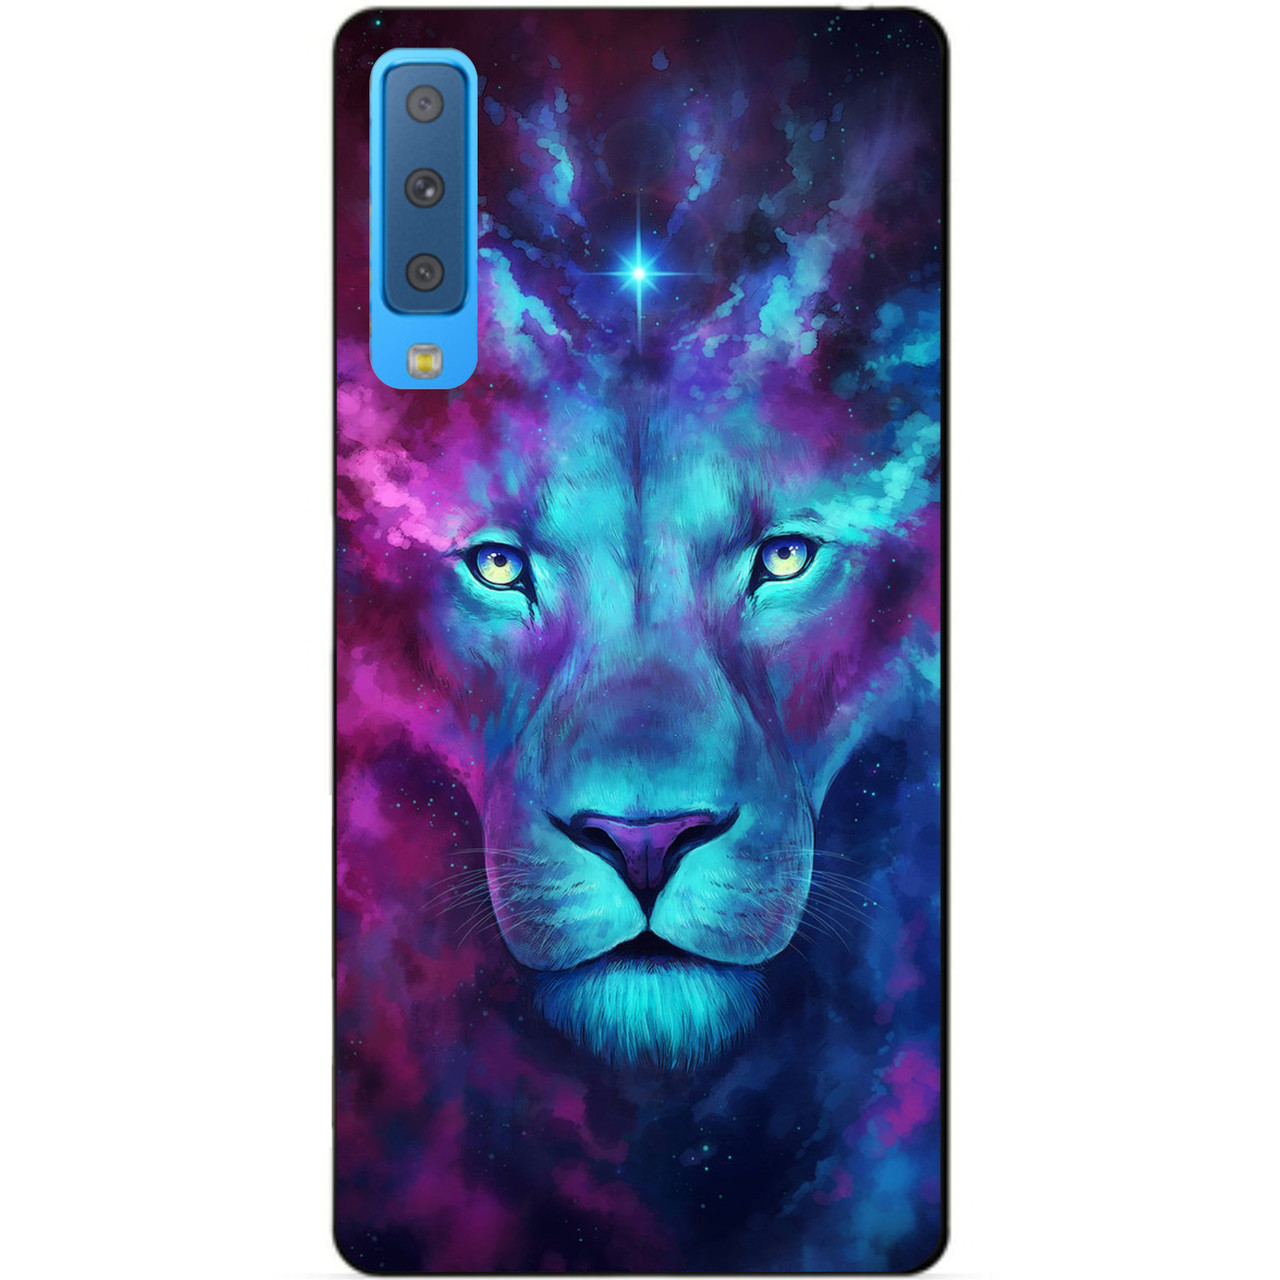 Силиконовый чехол для Samsung A7 2018 Galaxy A750 с рисунком Космический лев